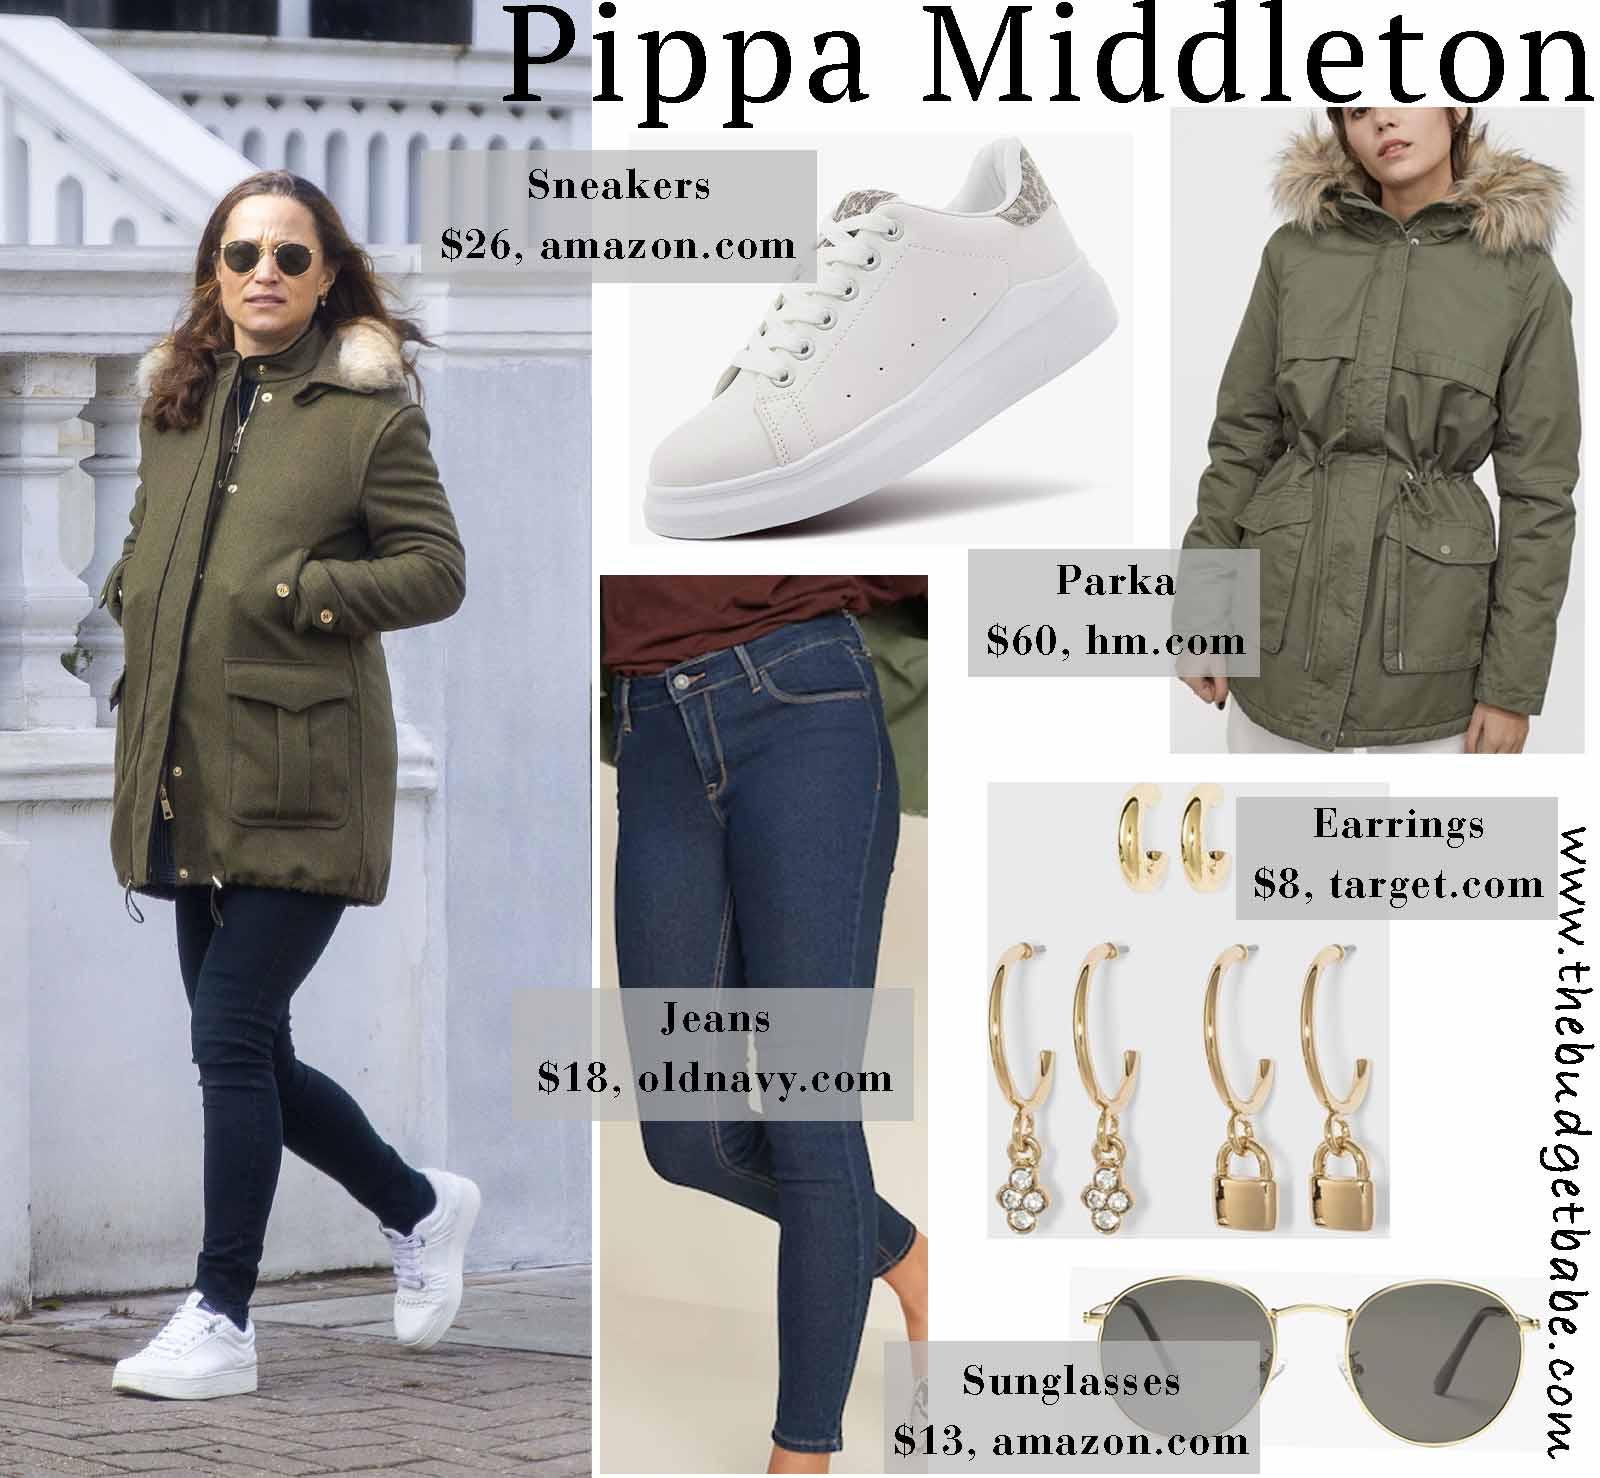 Love Pippa's parka!